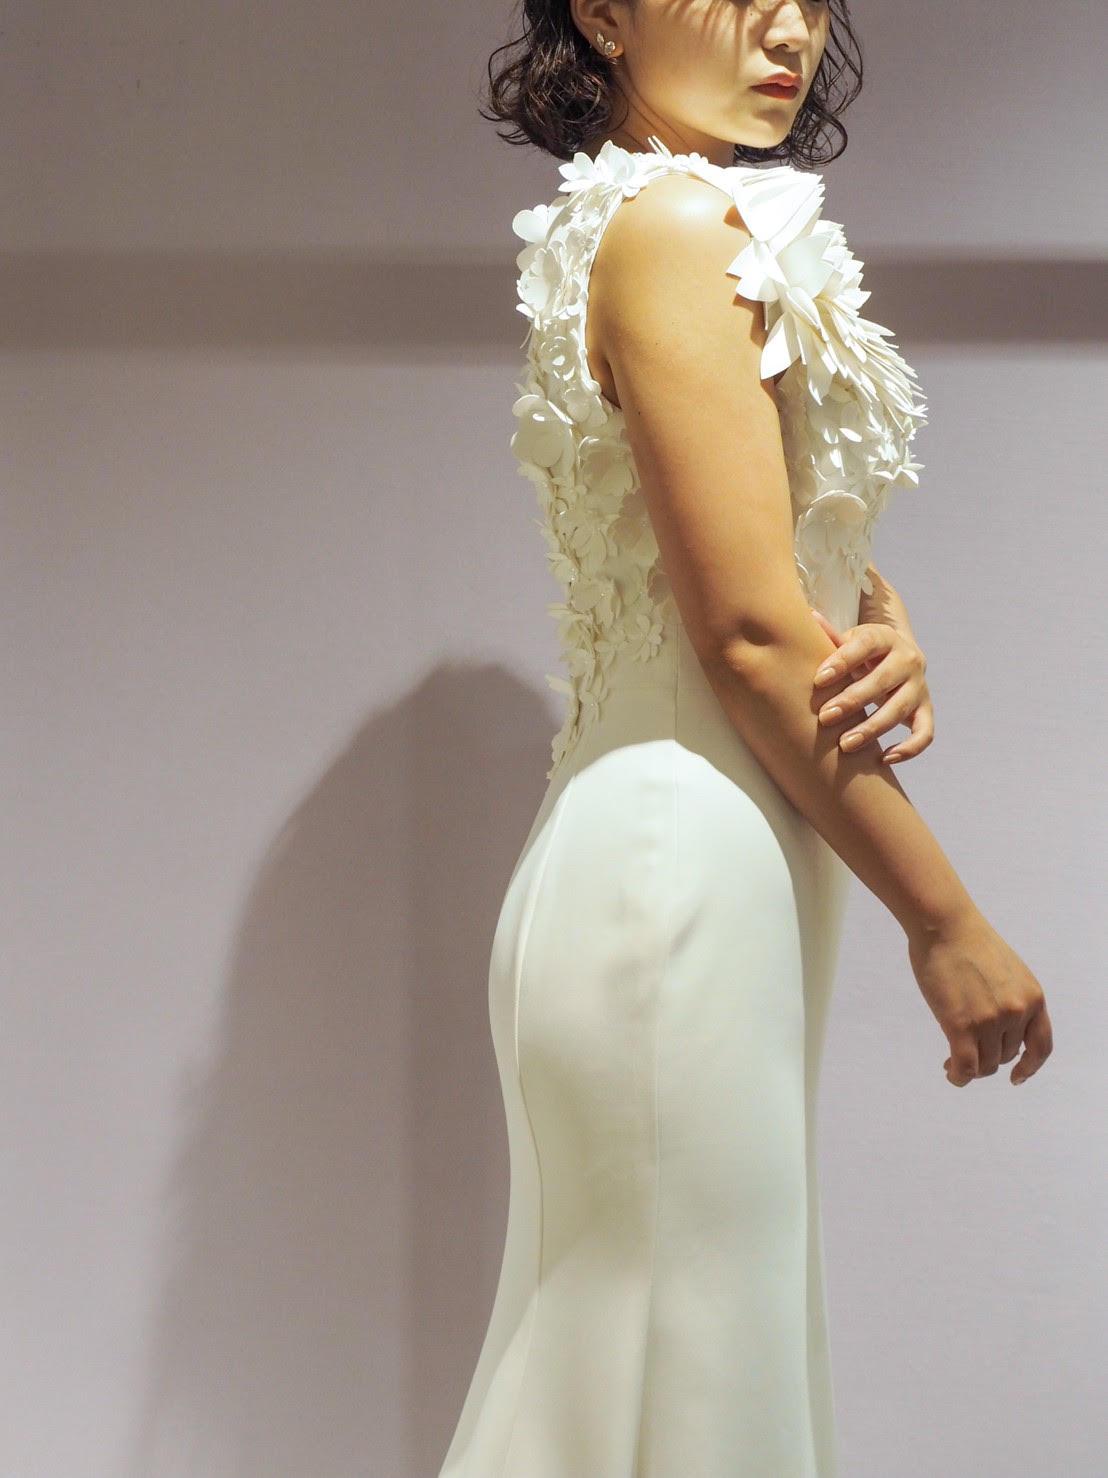 緑のあるアットホームなお式にぴったりの細身のマーメイドドレスがお身体のラインを綺麗に見える事ができるヴィクターアンドロルフのウェディングドレス